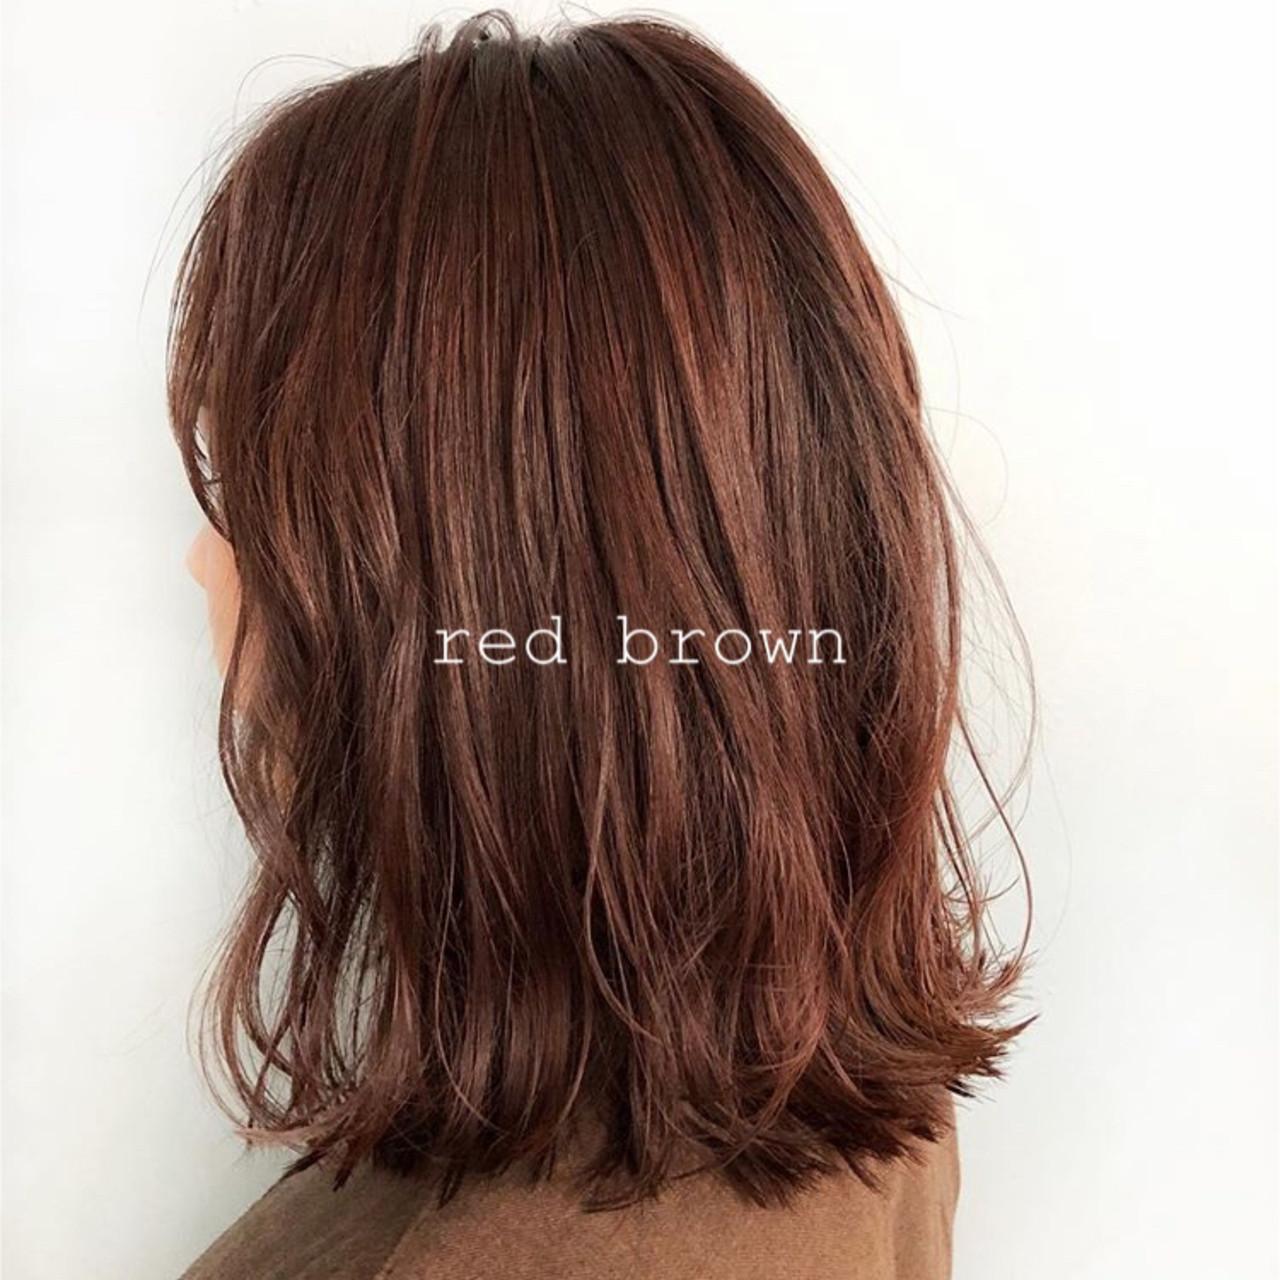 アッシュブラウン ナチュラル ミディアム 透明感カラー ヘアスタイルや髪型の写真・画像